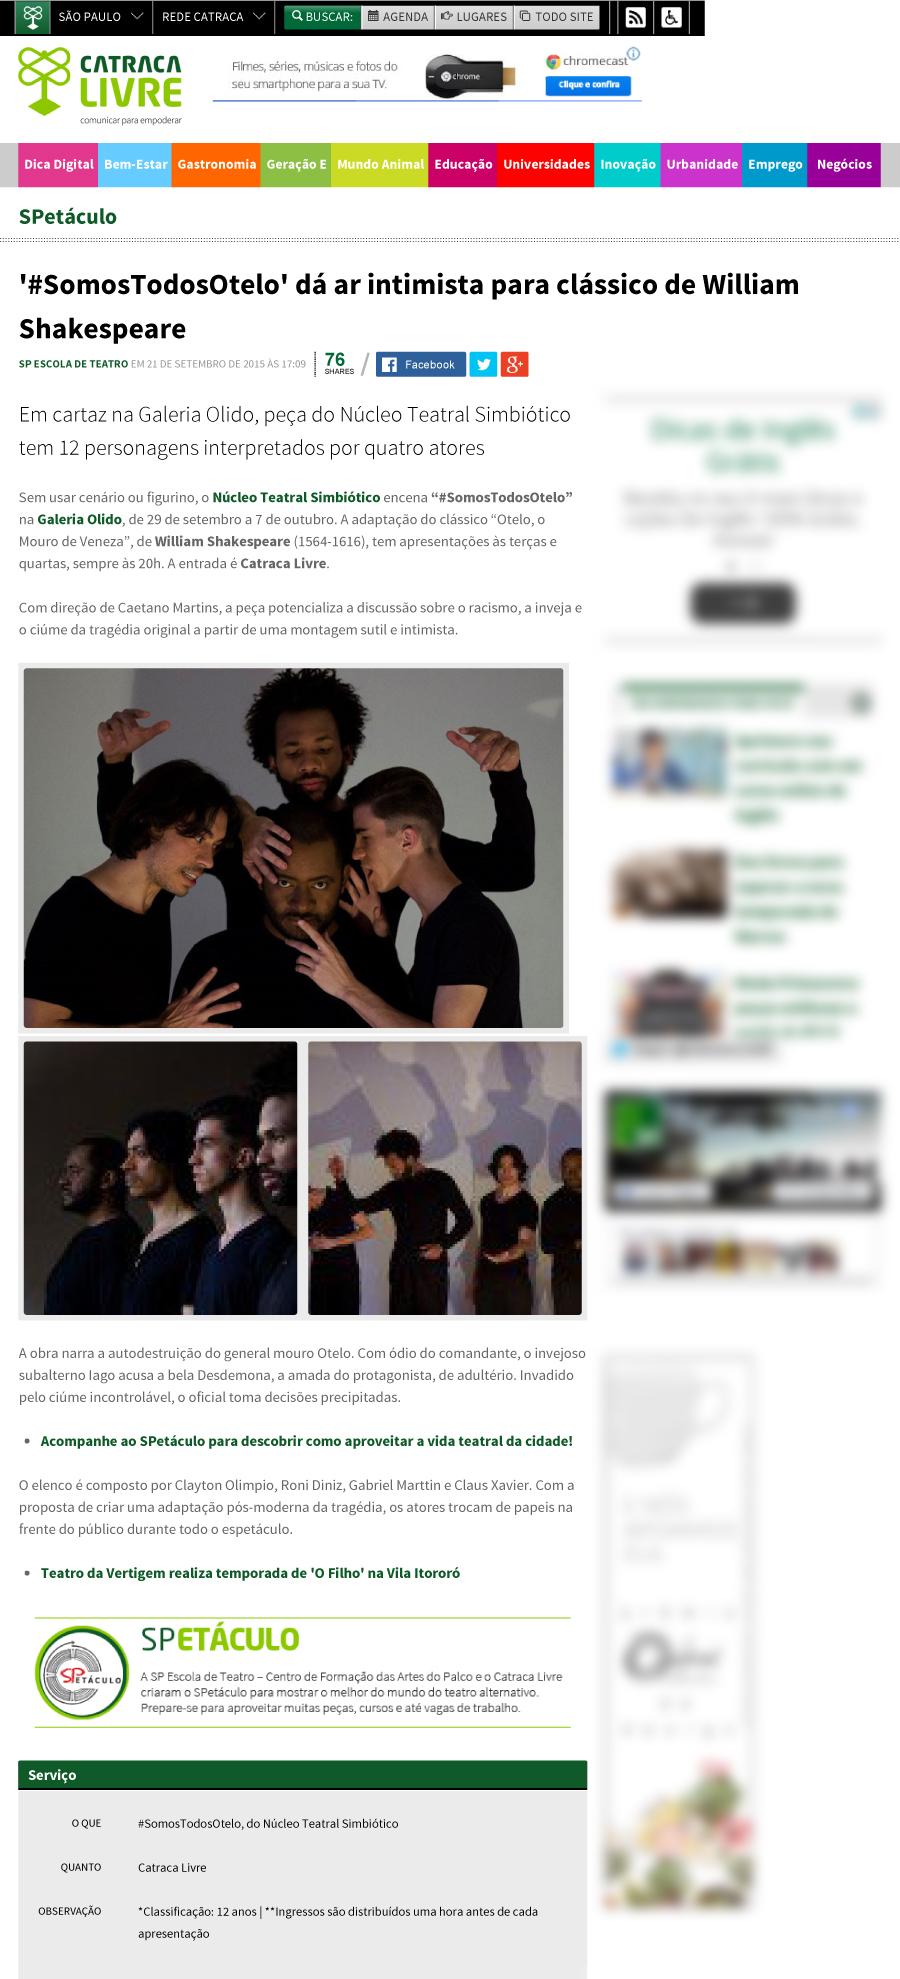 2015-09 #SomosTodosOtelo no Site Catraca Livre